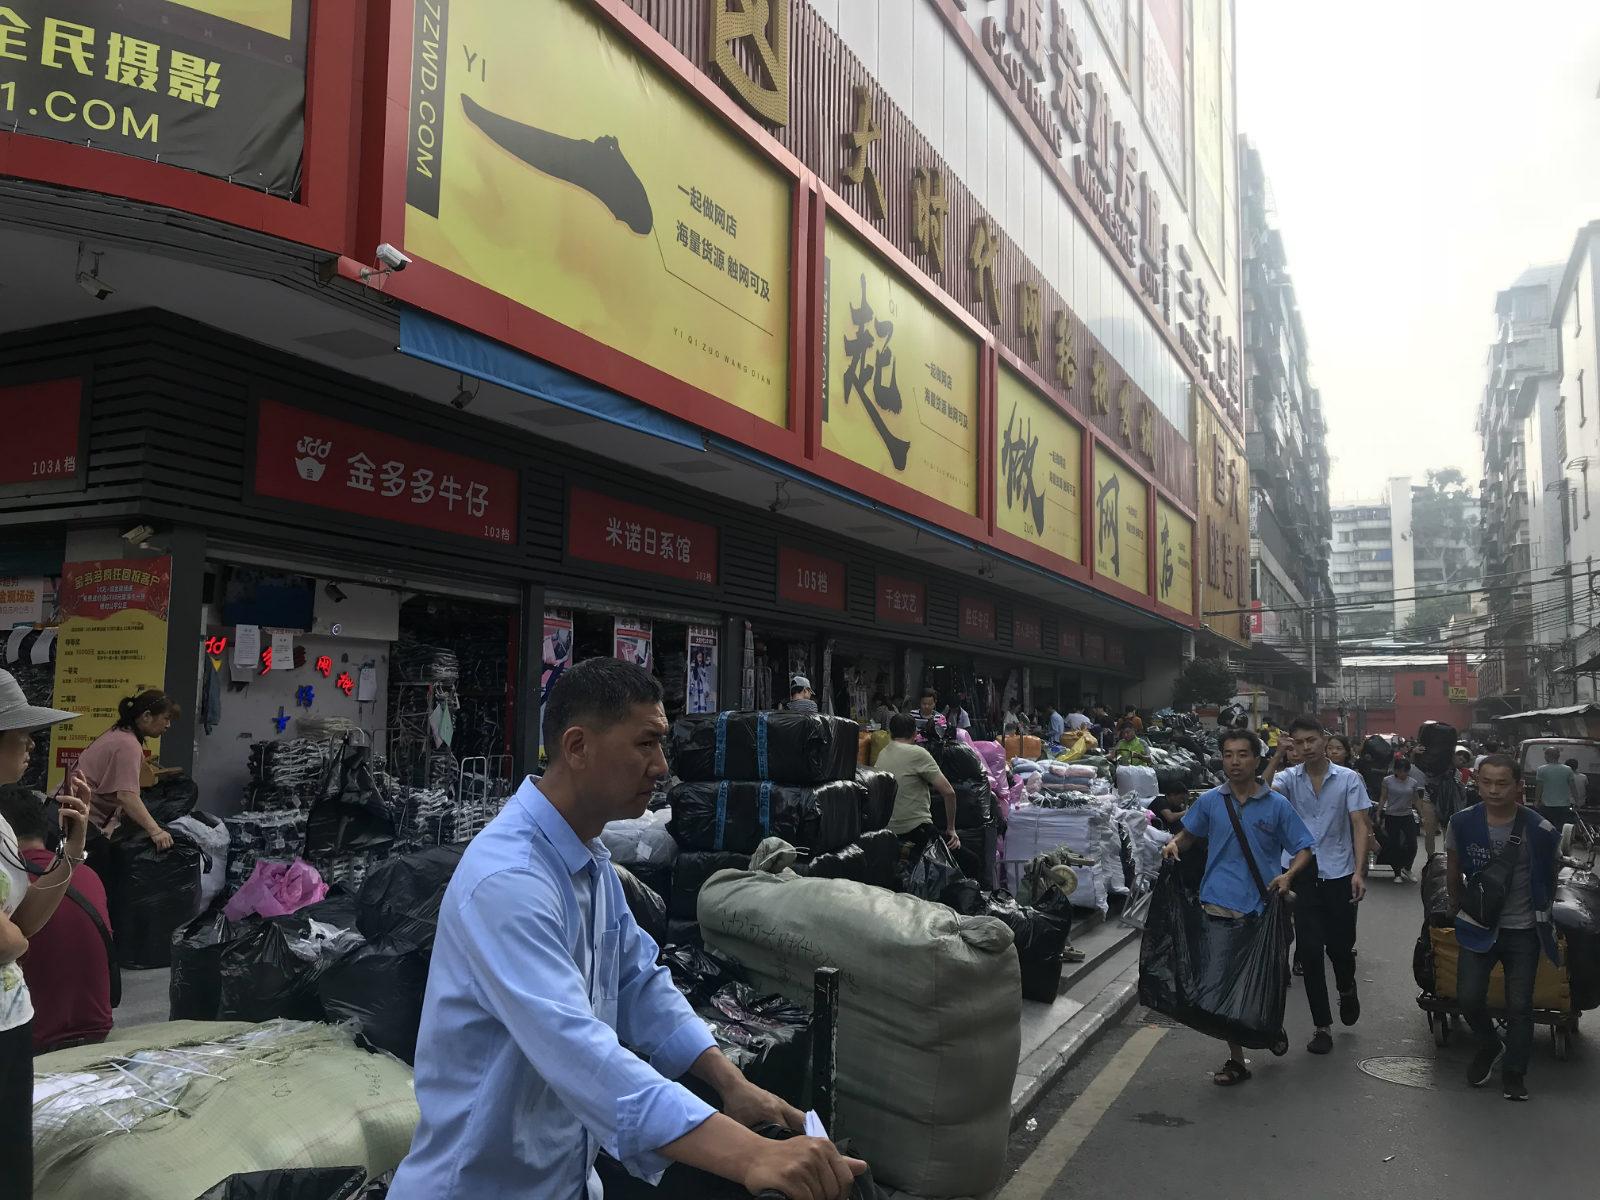 图说:大时代网络批发城一楼的档口外,摆满了准备运到淘宝店主仓库的衣服_meitu_4